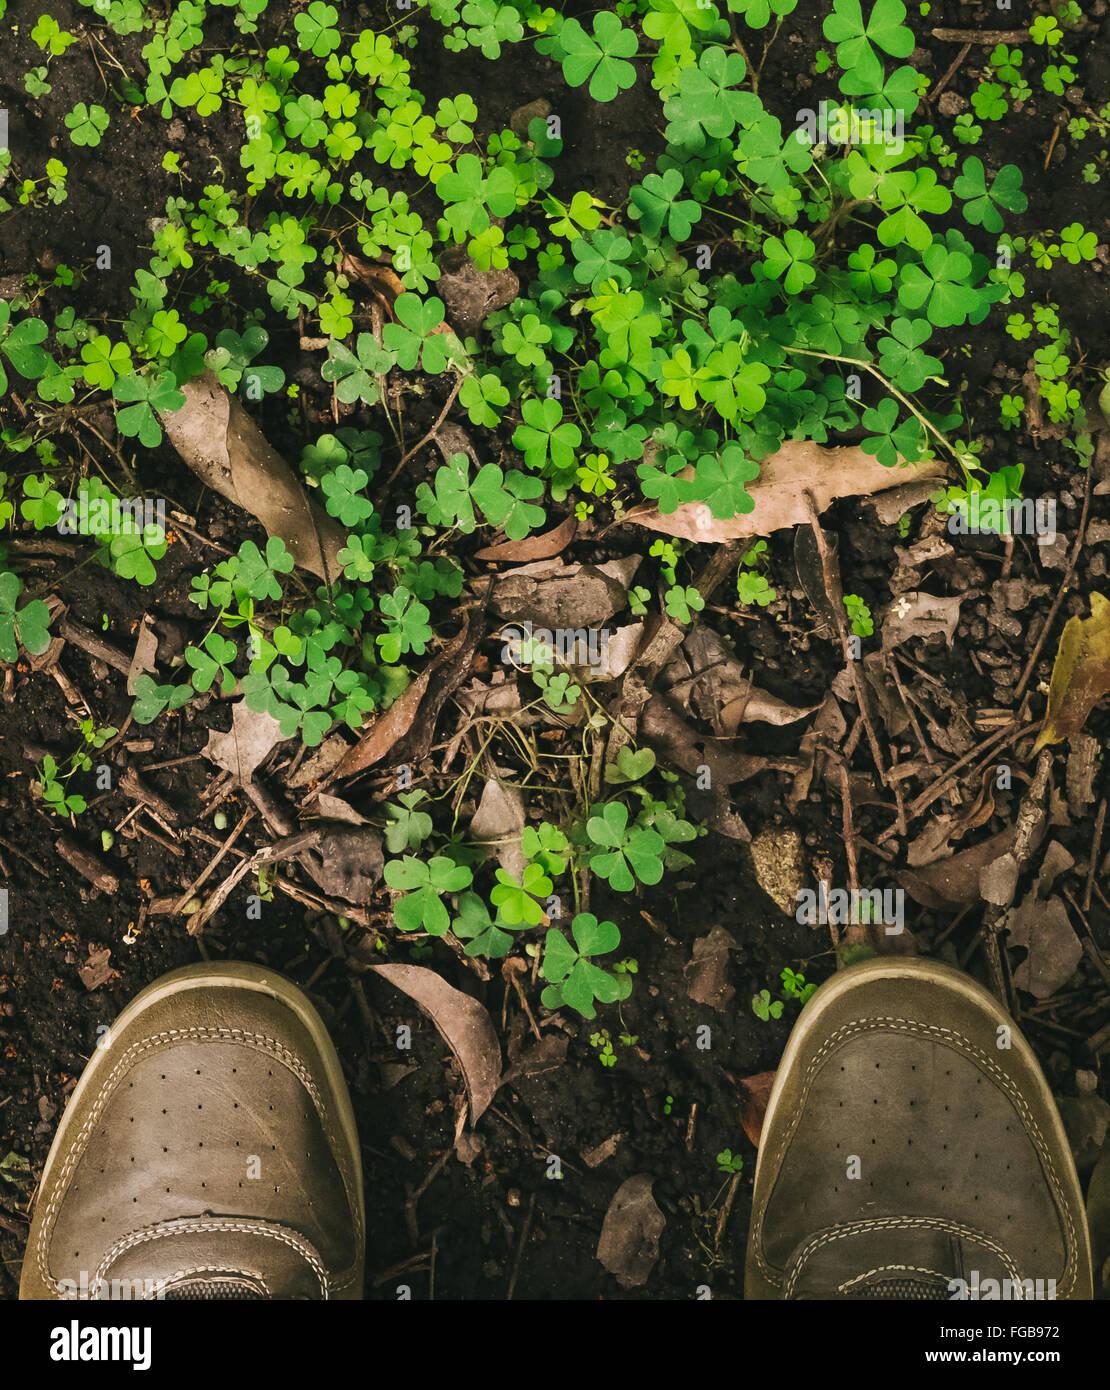 La section basse de l'Homme debout en face de plantes Photo Stock